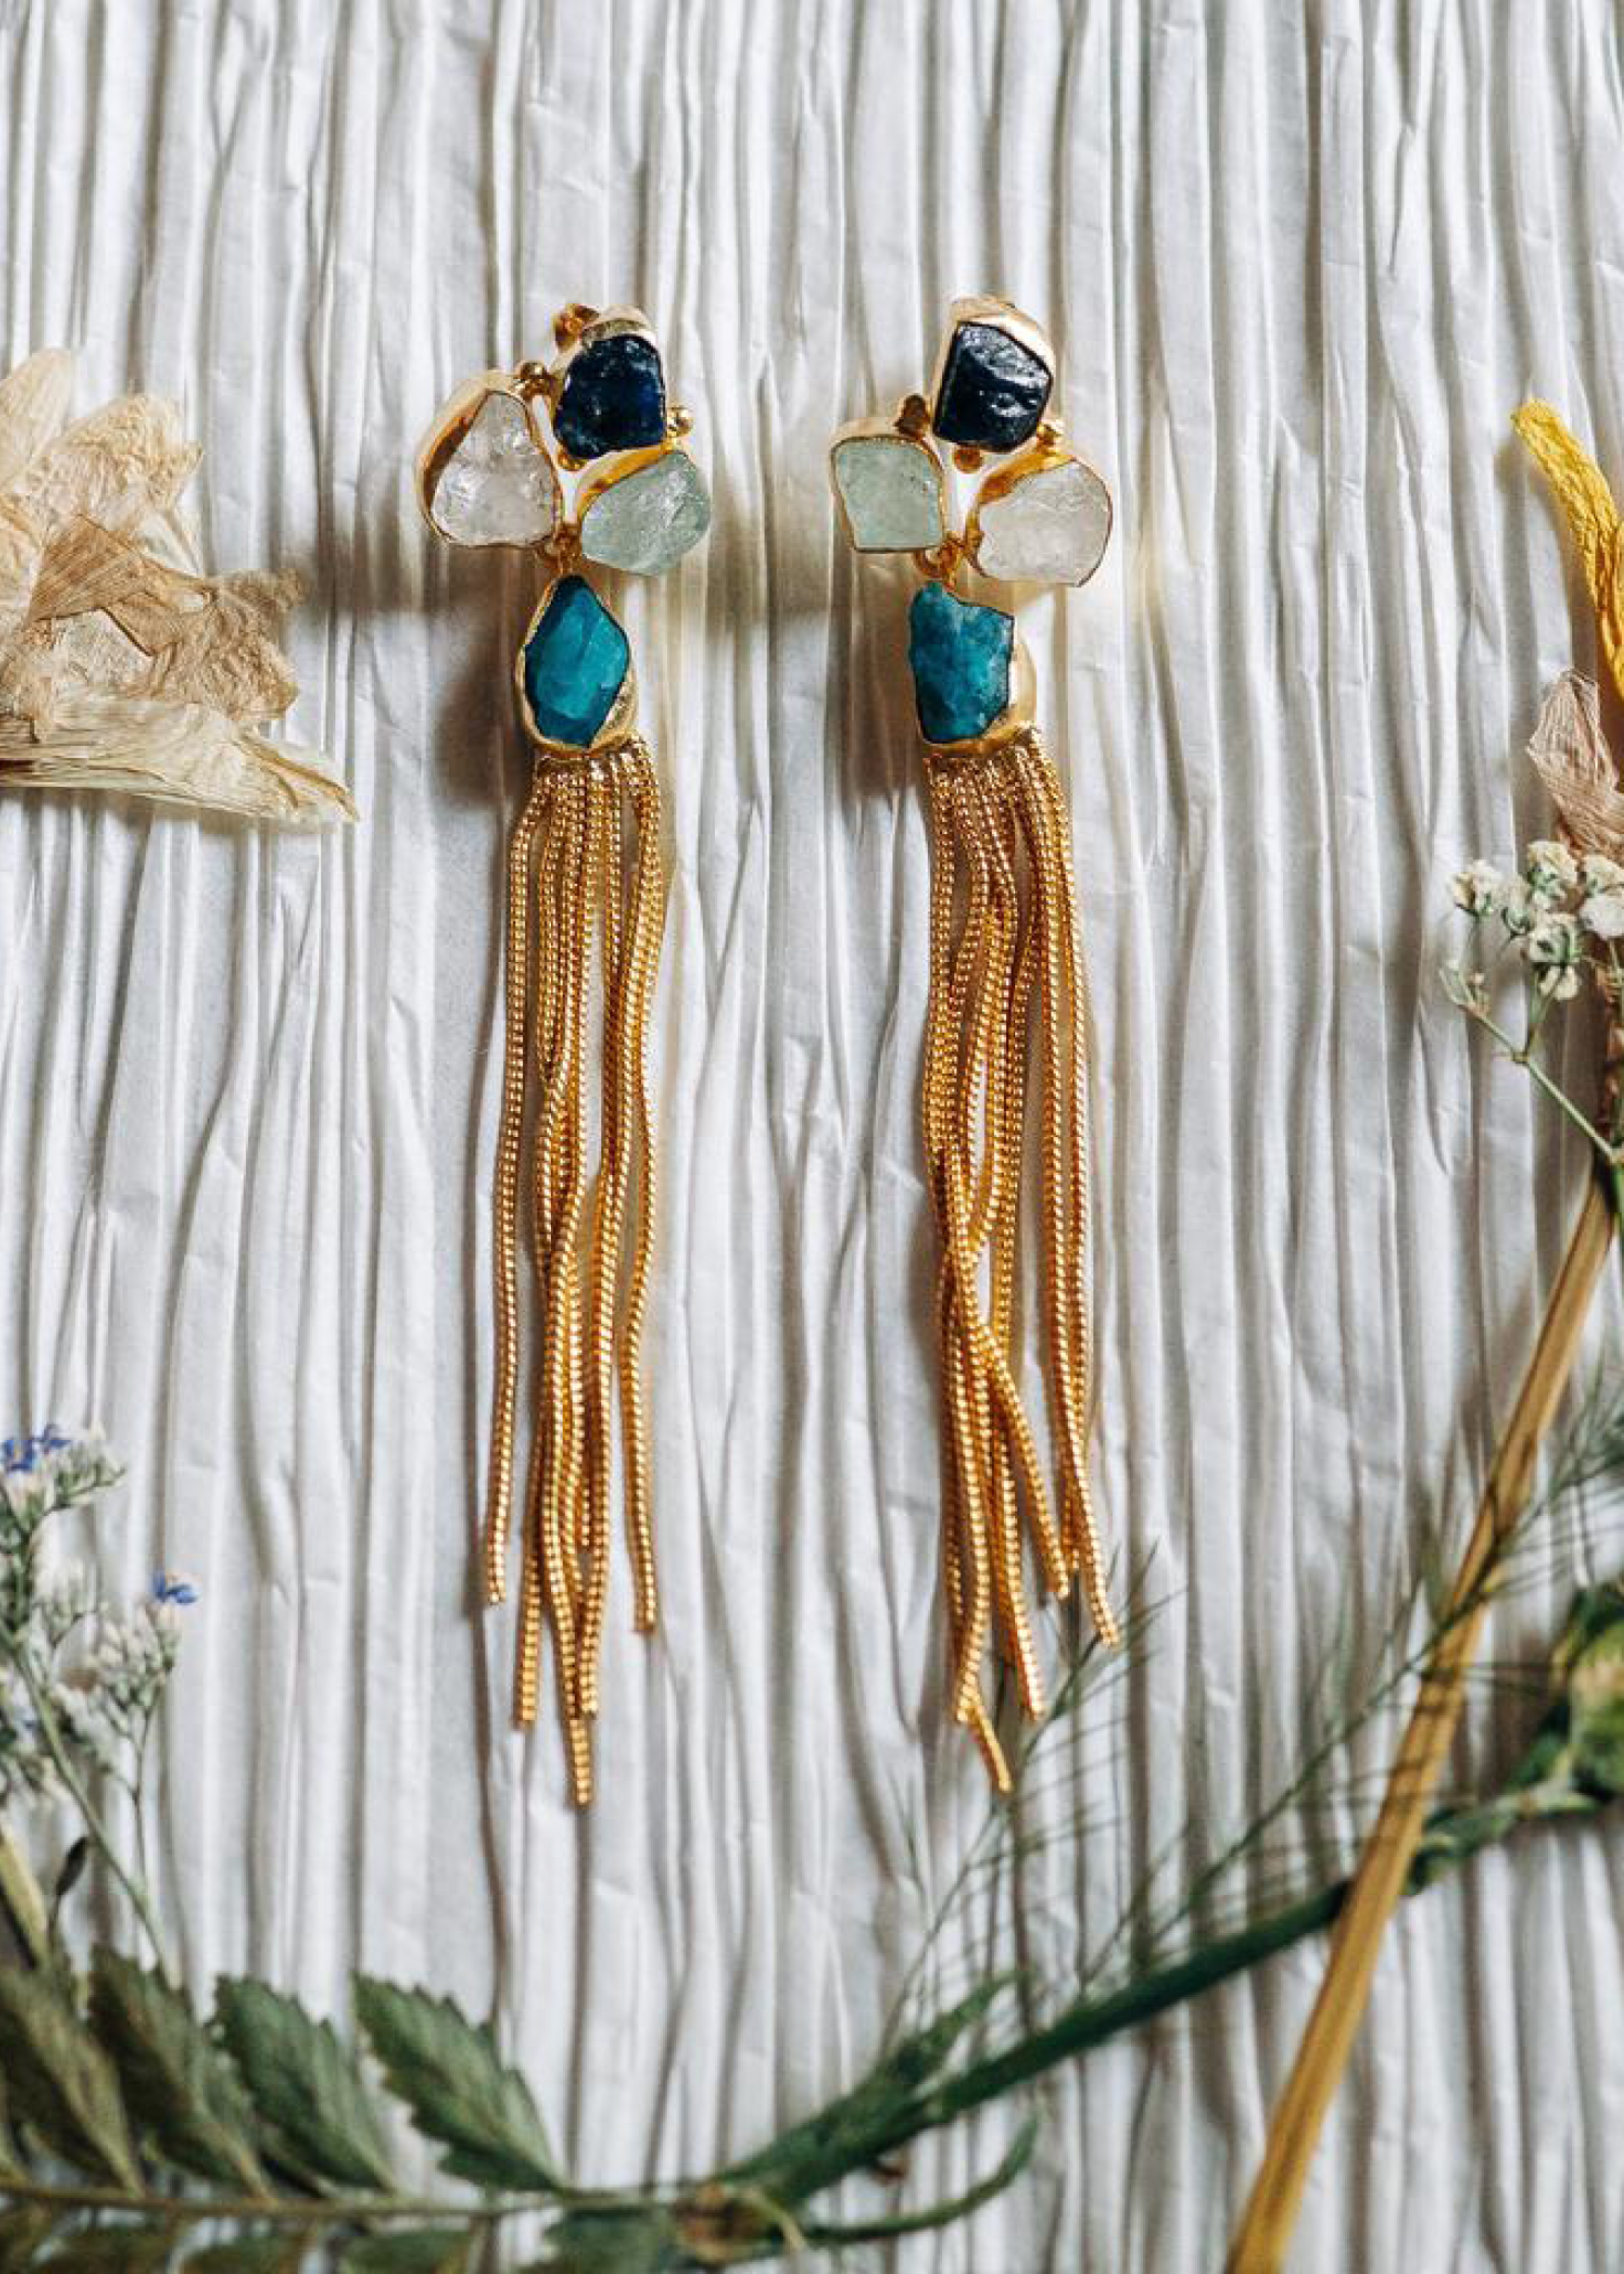 Wolf & Willa Mulit Stone Earrings w/Tassel